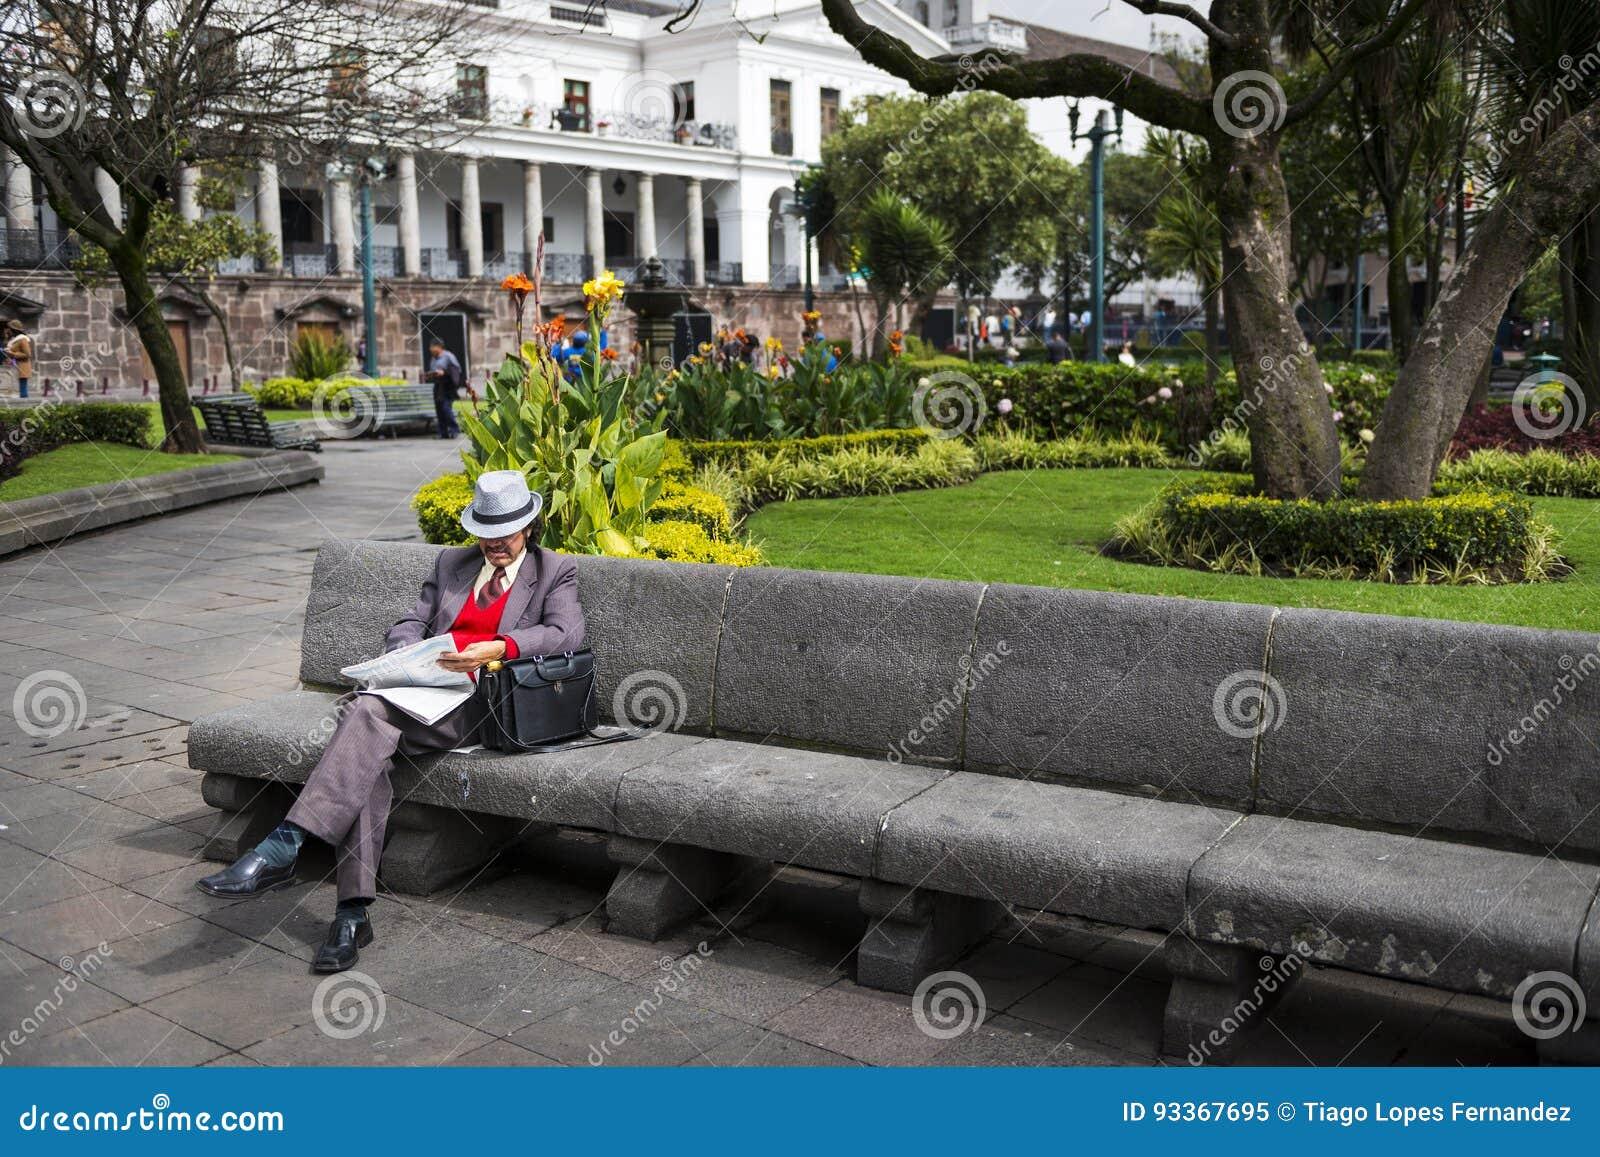 Άτομο που διαβάζει μια εφημερίδα σε έναν πάγκο σε ένα πάρκο στο τετράγωνο ανεξαρτησίας στην πόλη του Κουίτο, στον Ισημερινό